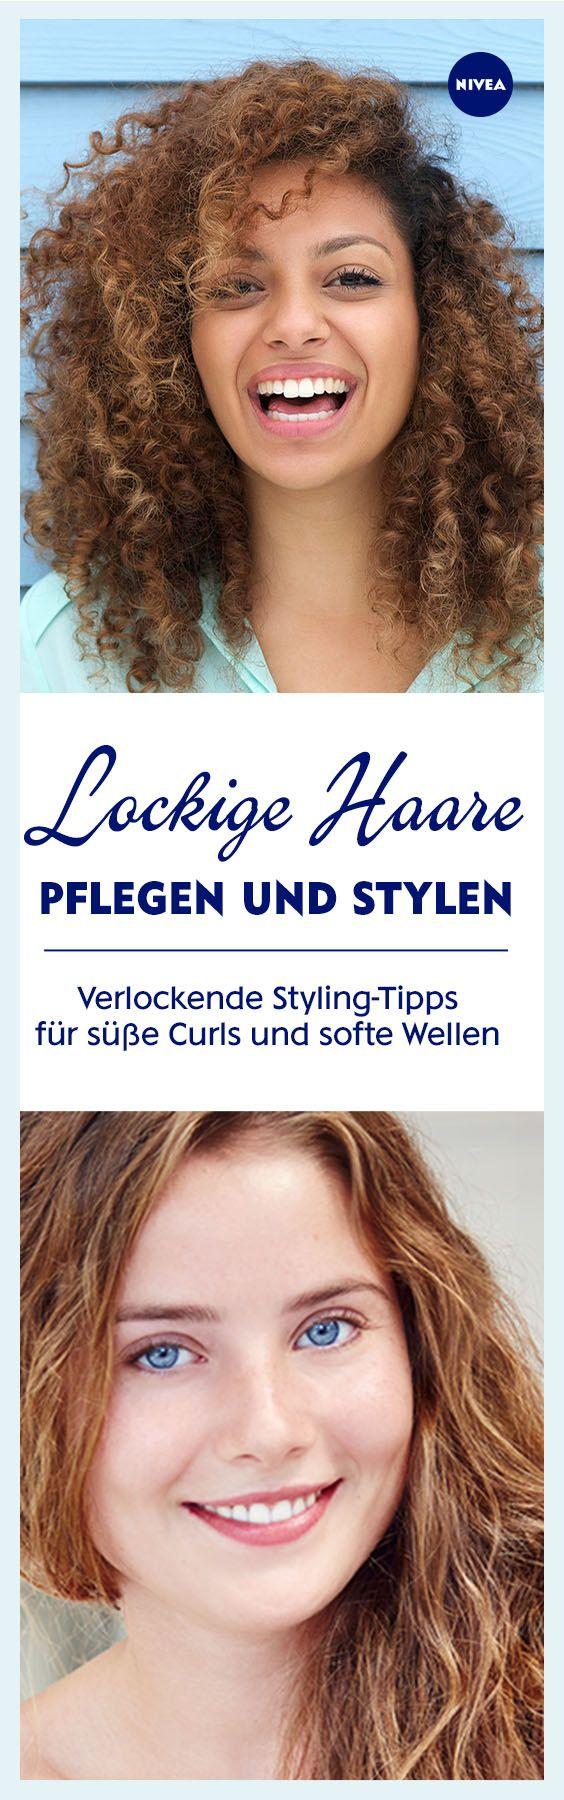 Lockige Haare: Tolle Tipps für echte Trendfrisuren